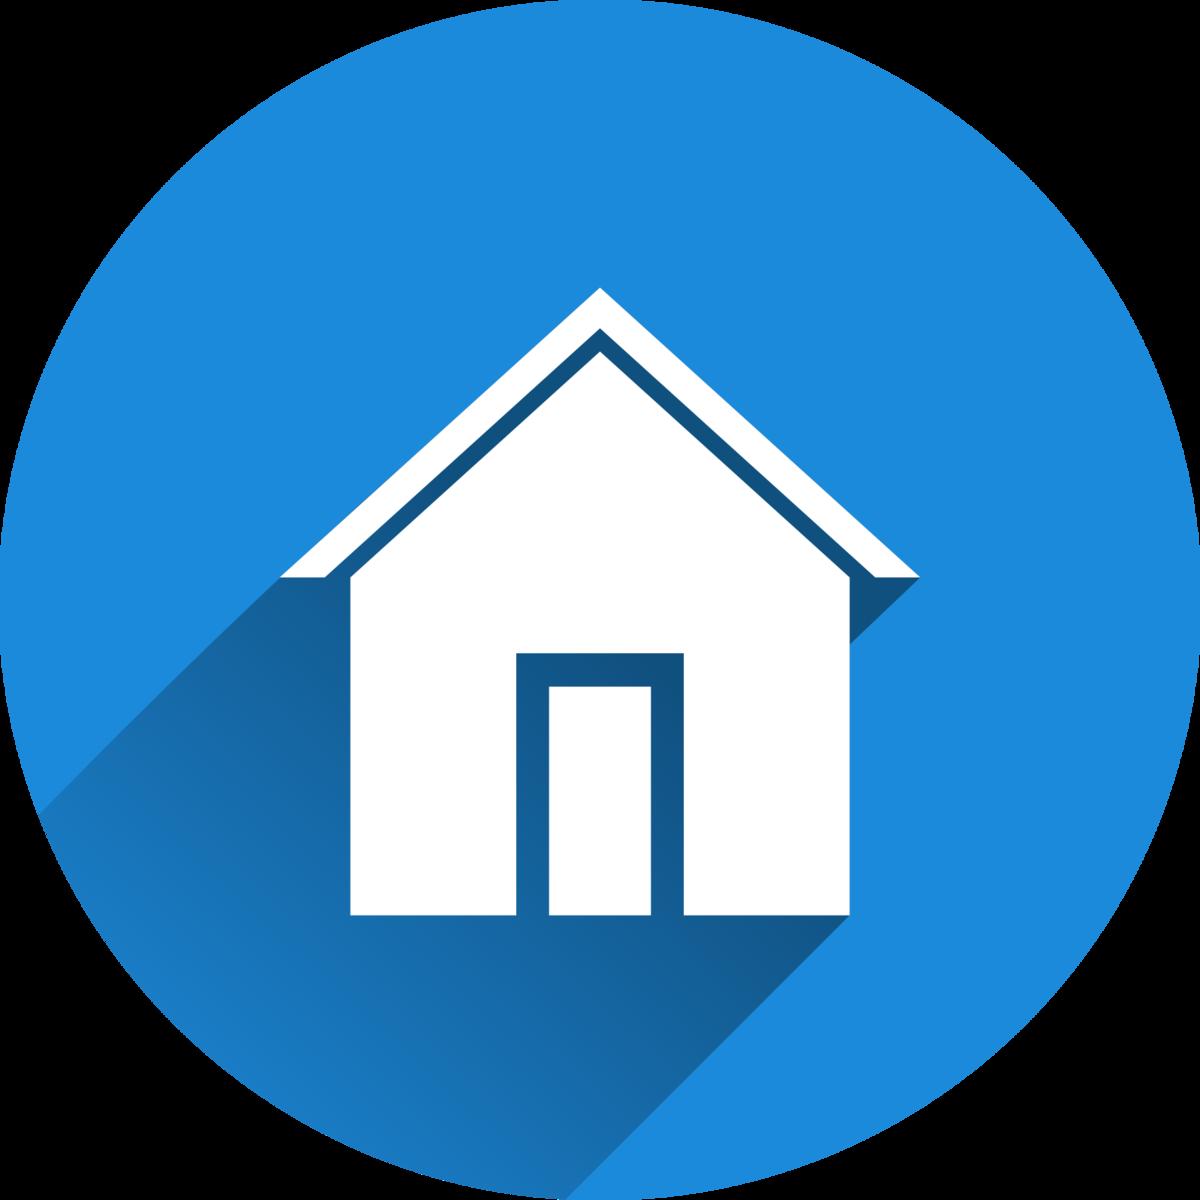 Картинка домика для сайта